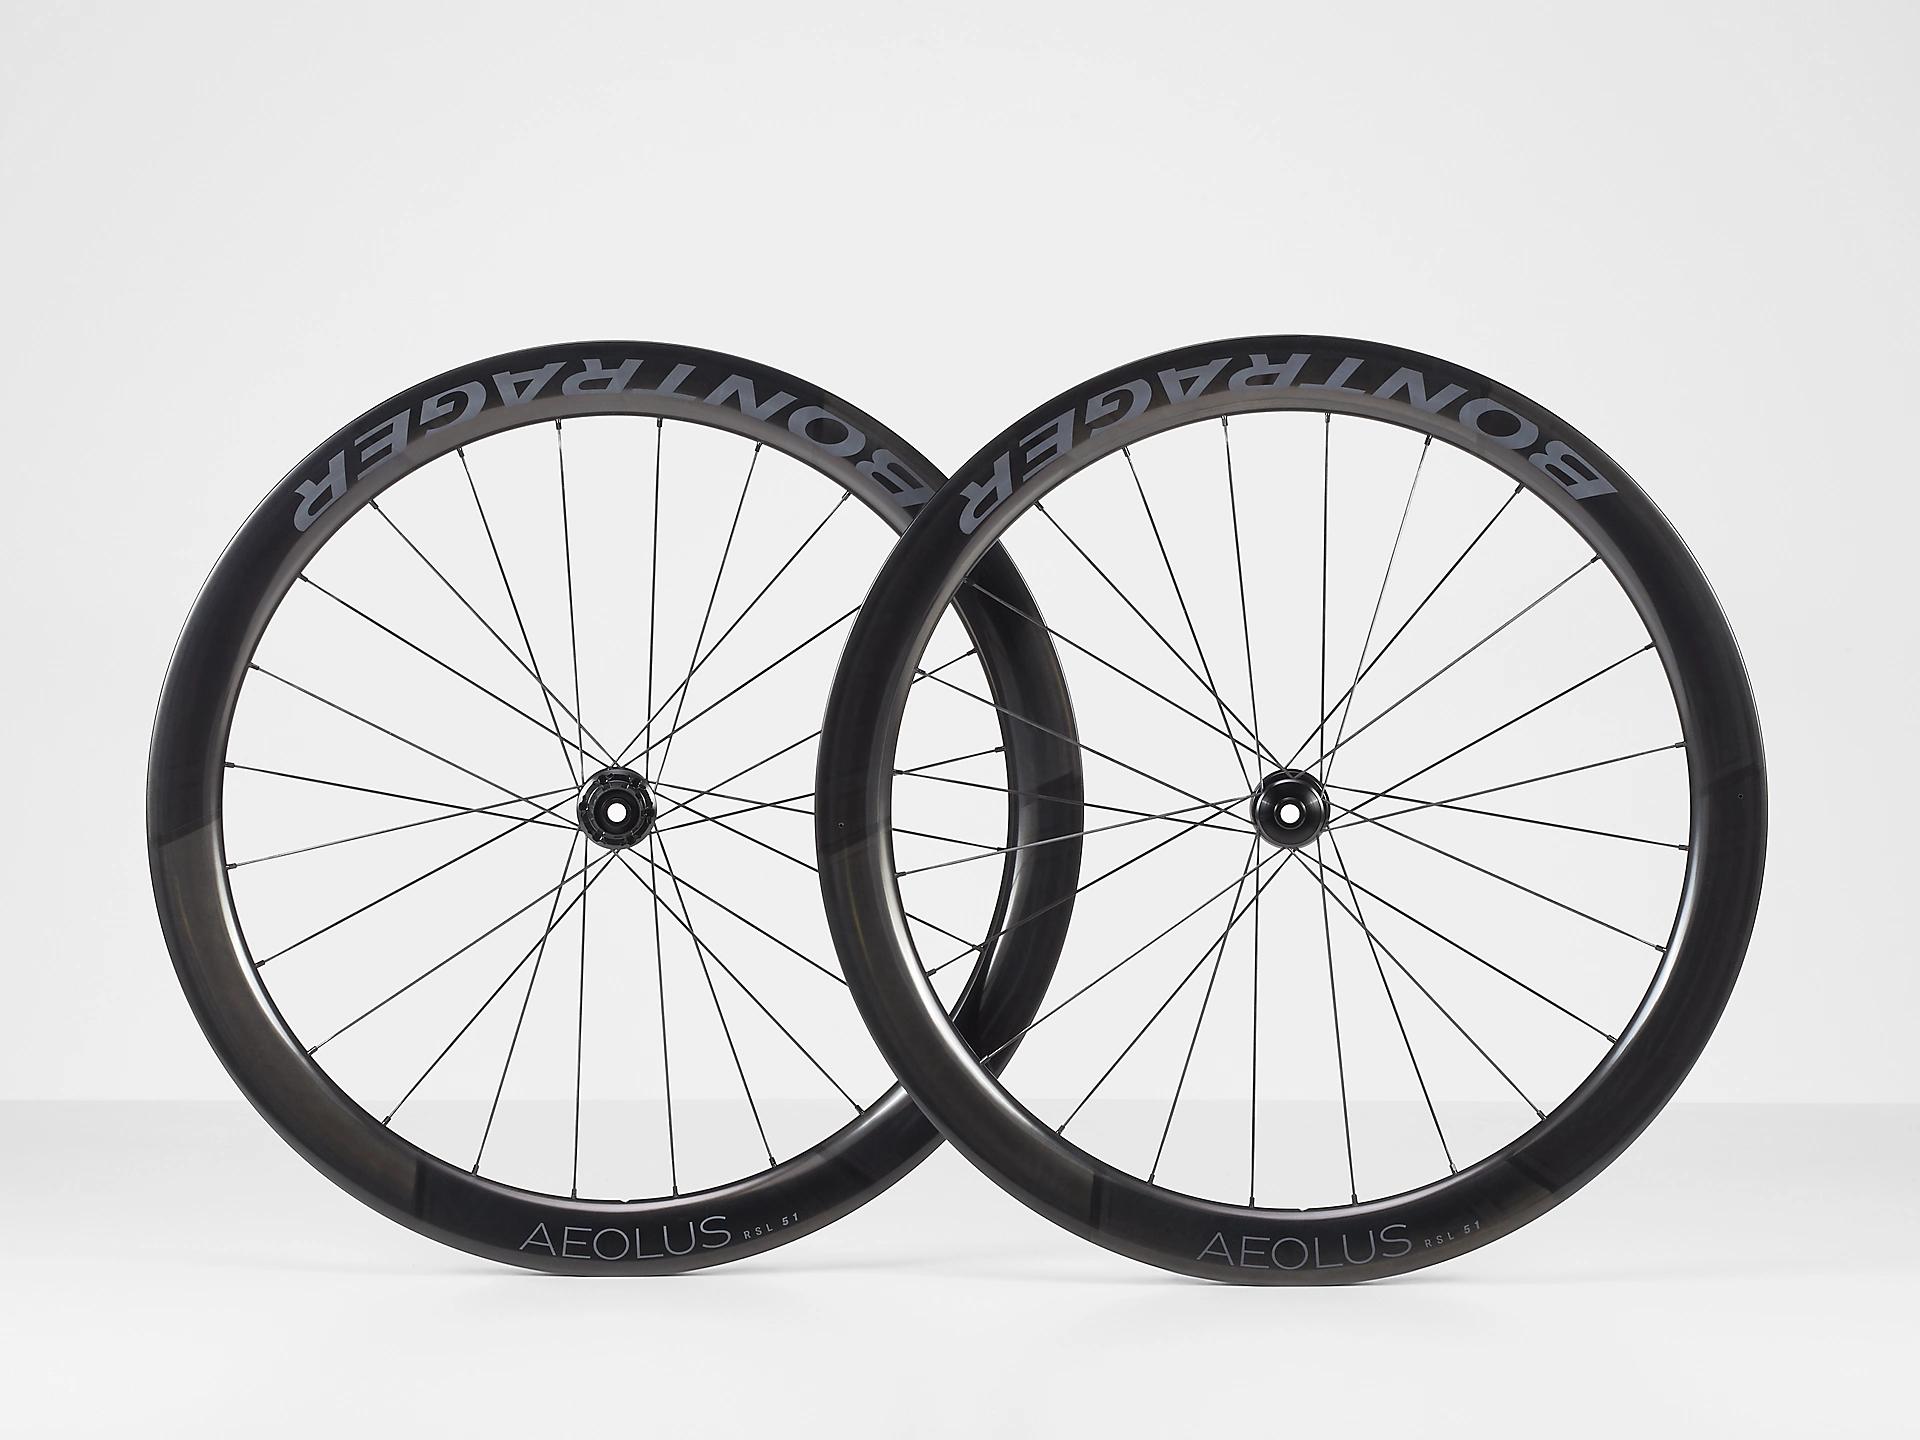 超軽量&超最速 Aeolus RSL 51Aeolus RSL 51 TLR Disc Road Wheelが登場!